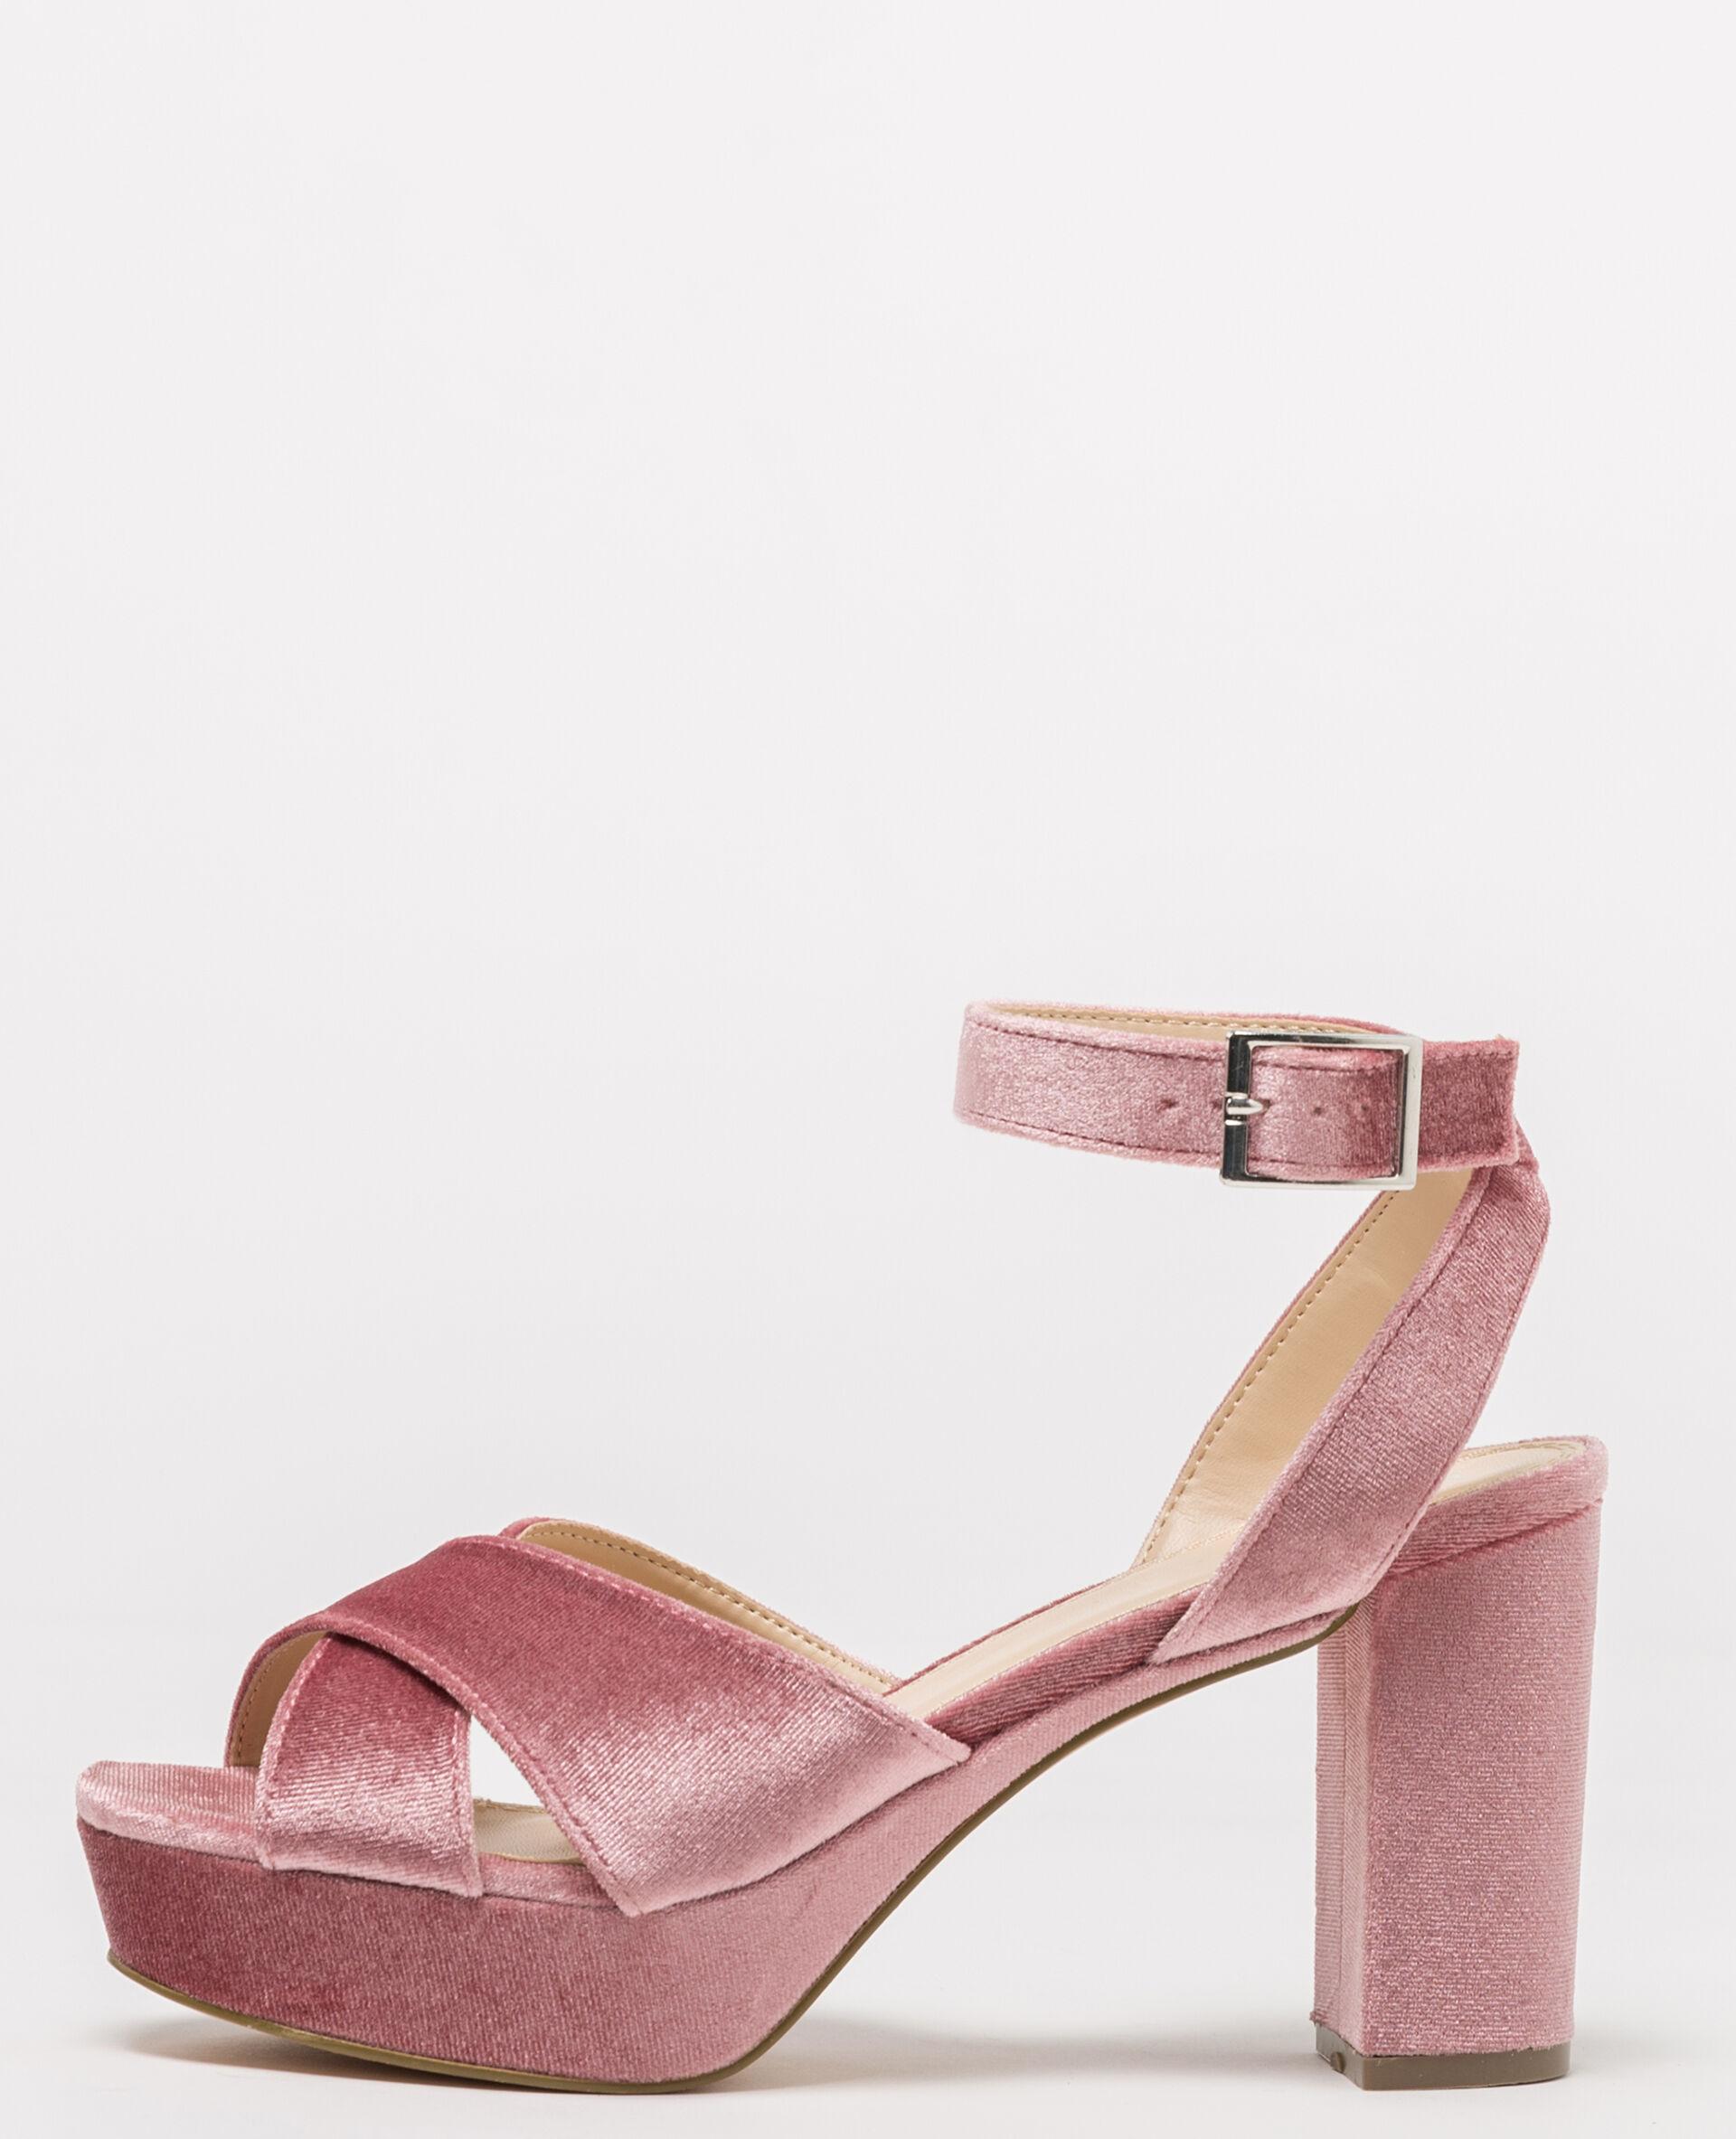 Sandales à plateau velours Femme -50% - Couleur rose poudré - Taille 40 - PIMKIE - Soldes Hiver 2018